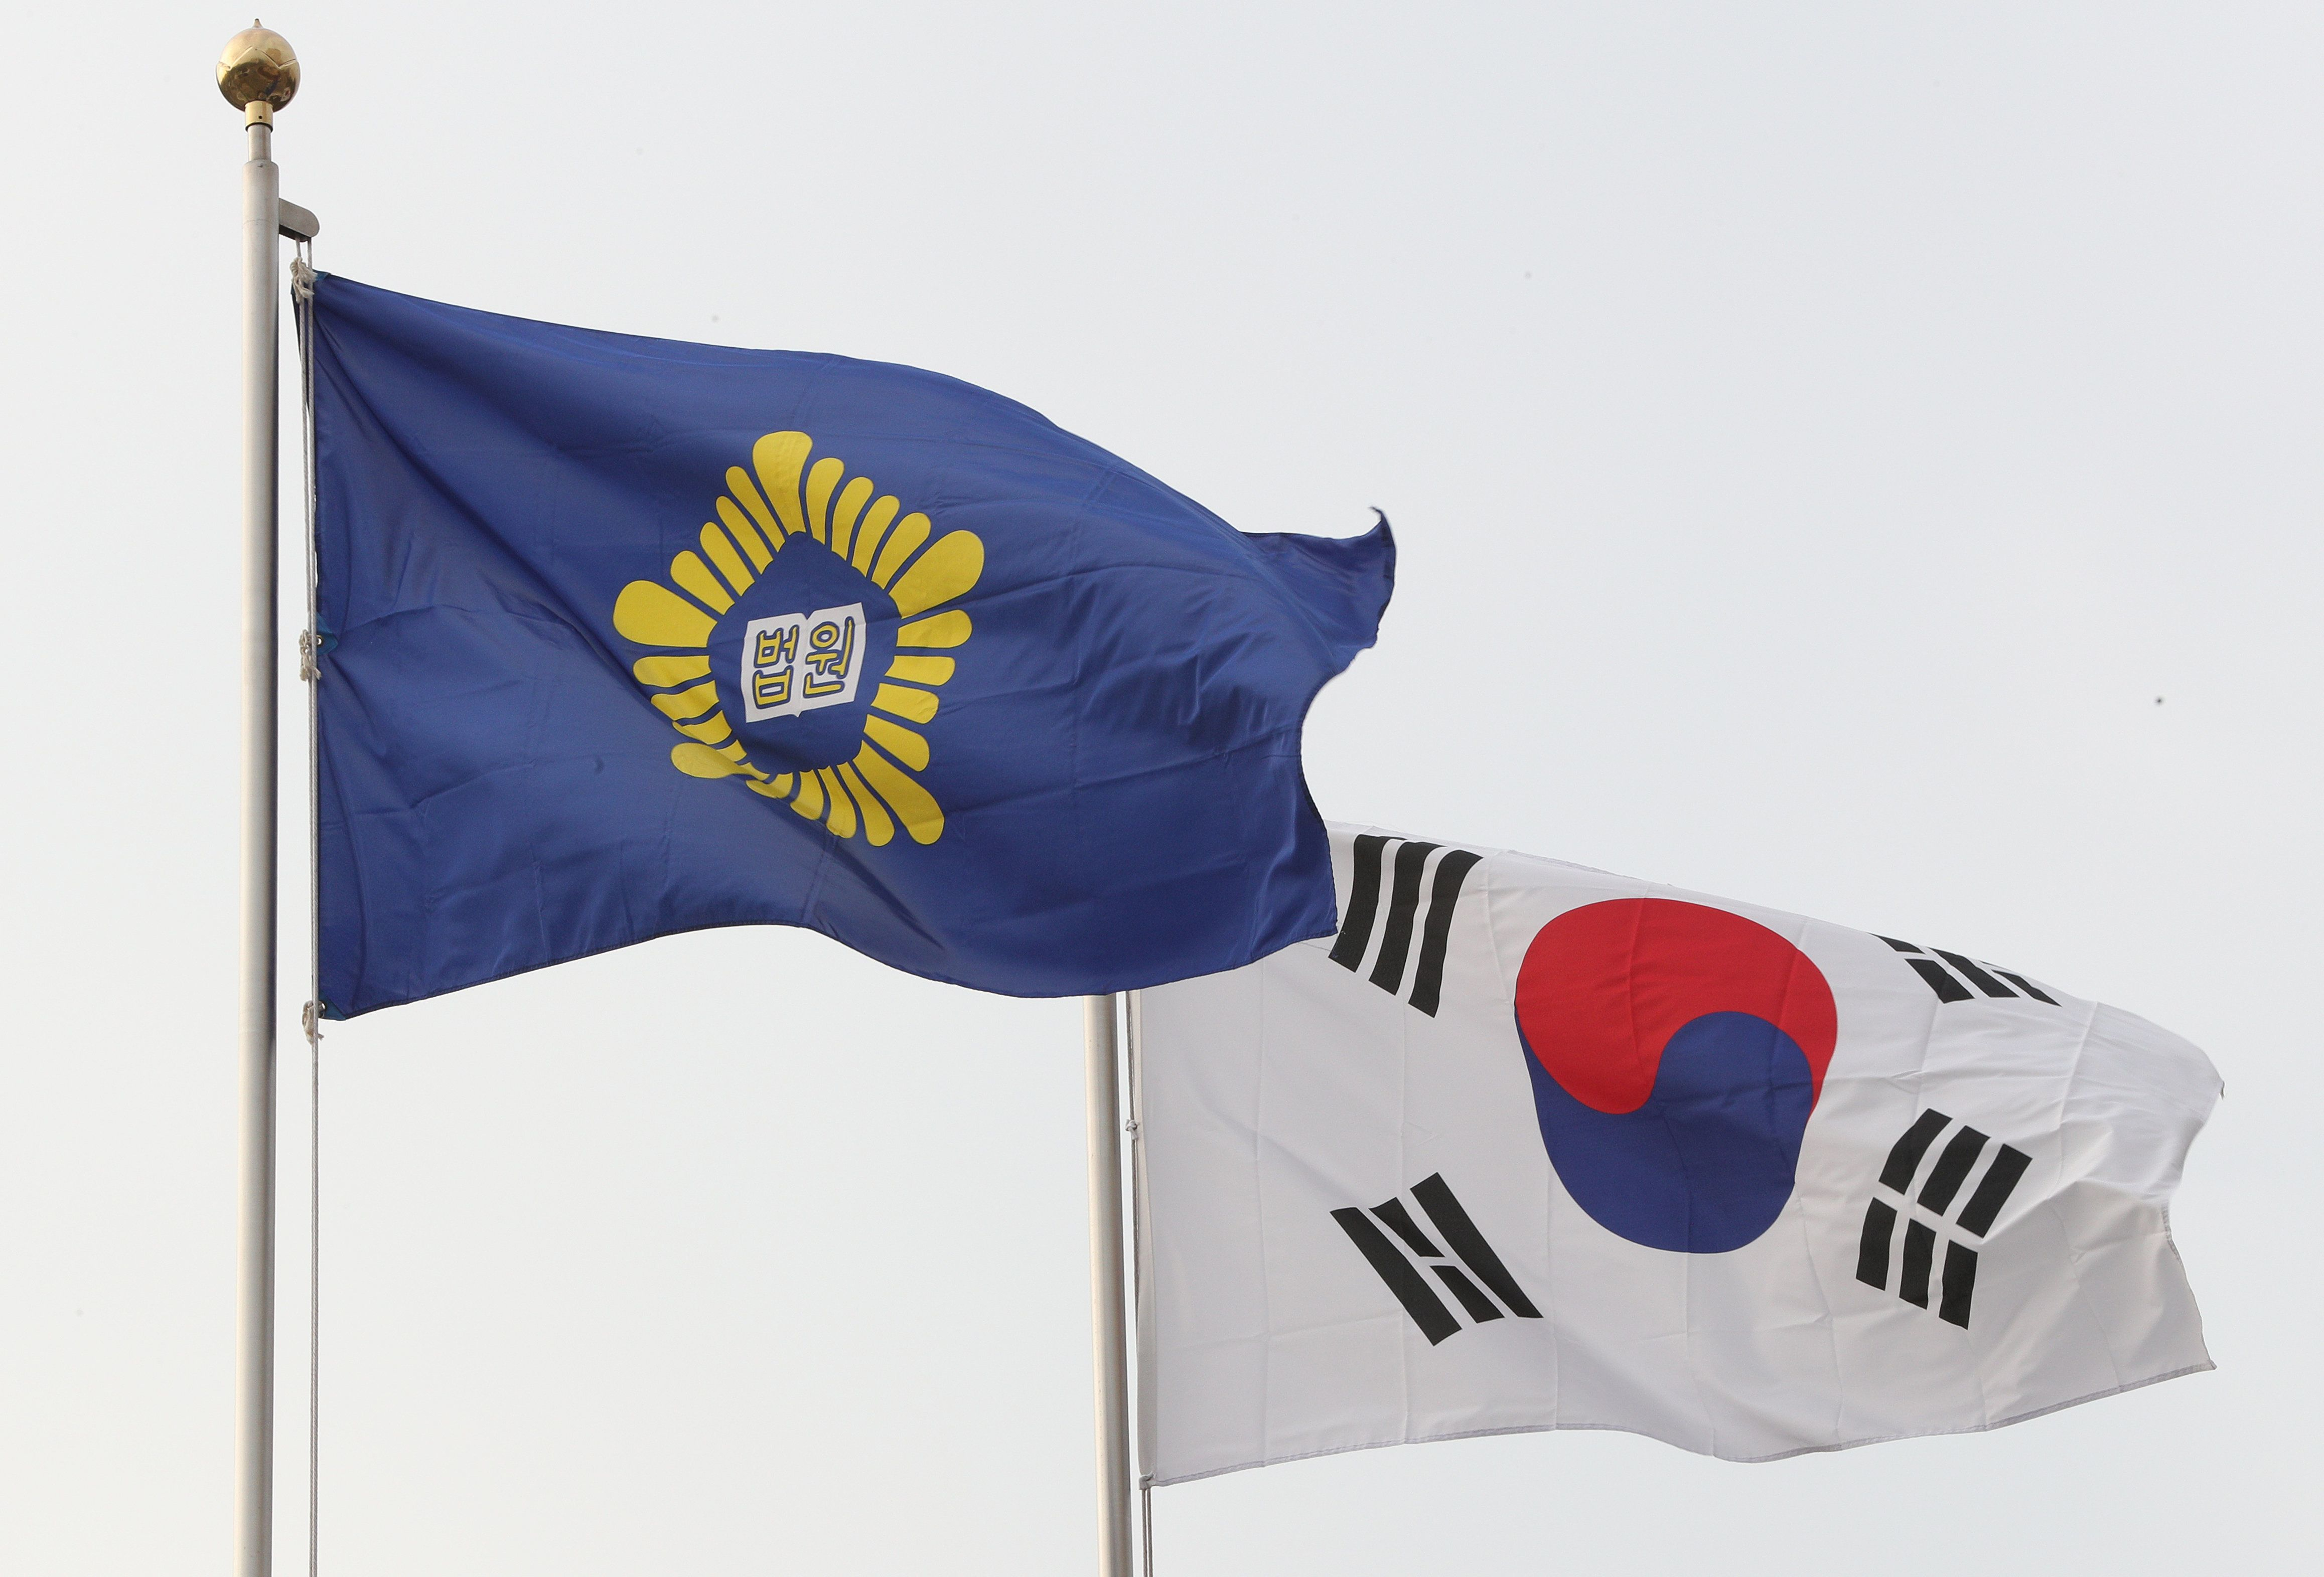 탈북자 지원하던 중국인이 한국에서 난민 인정을